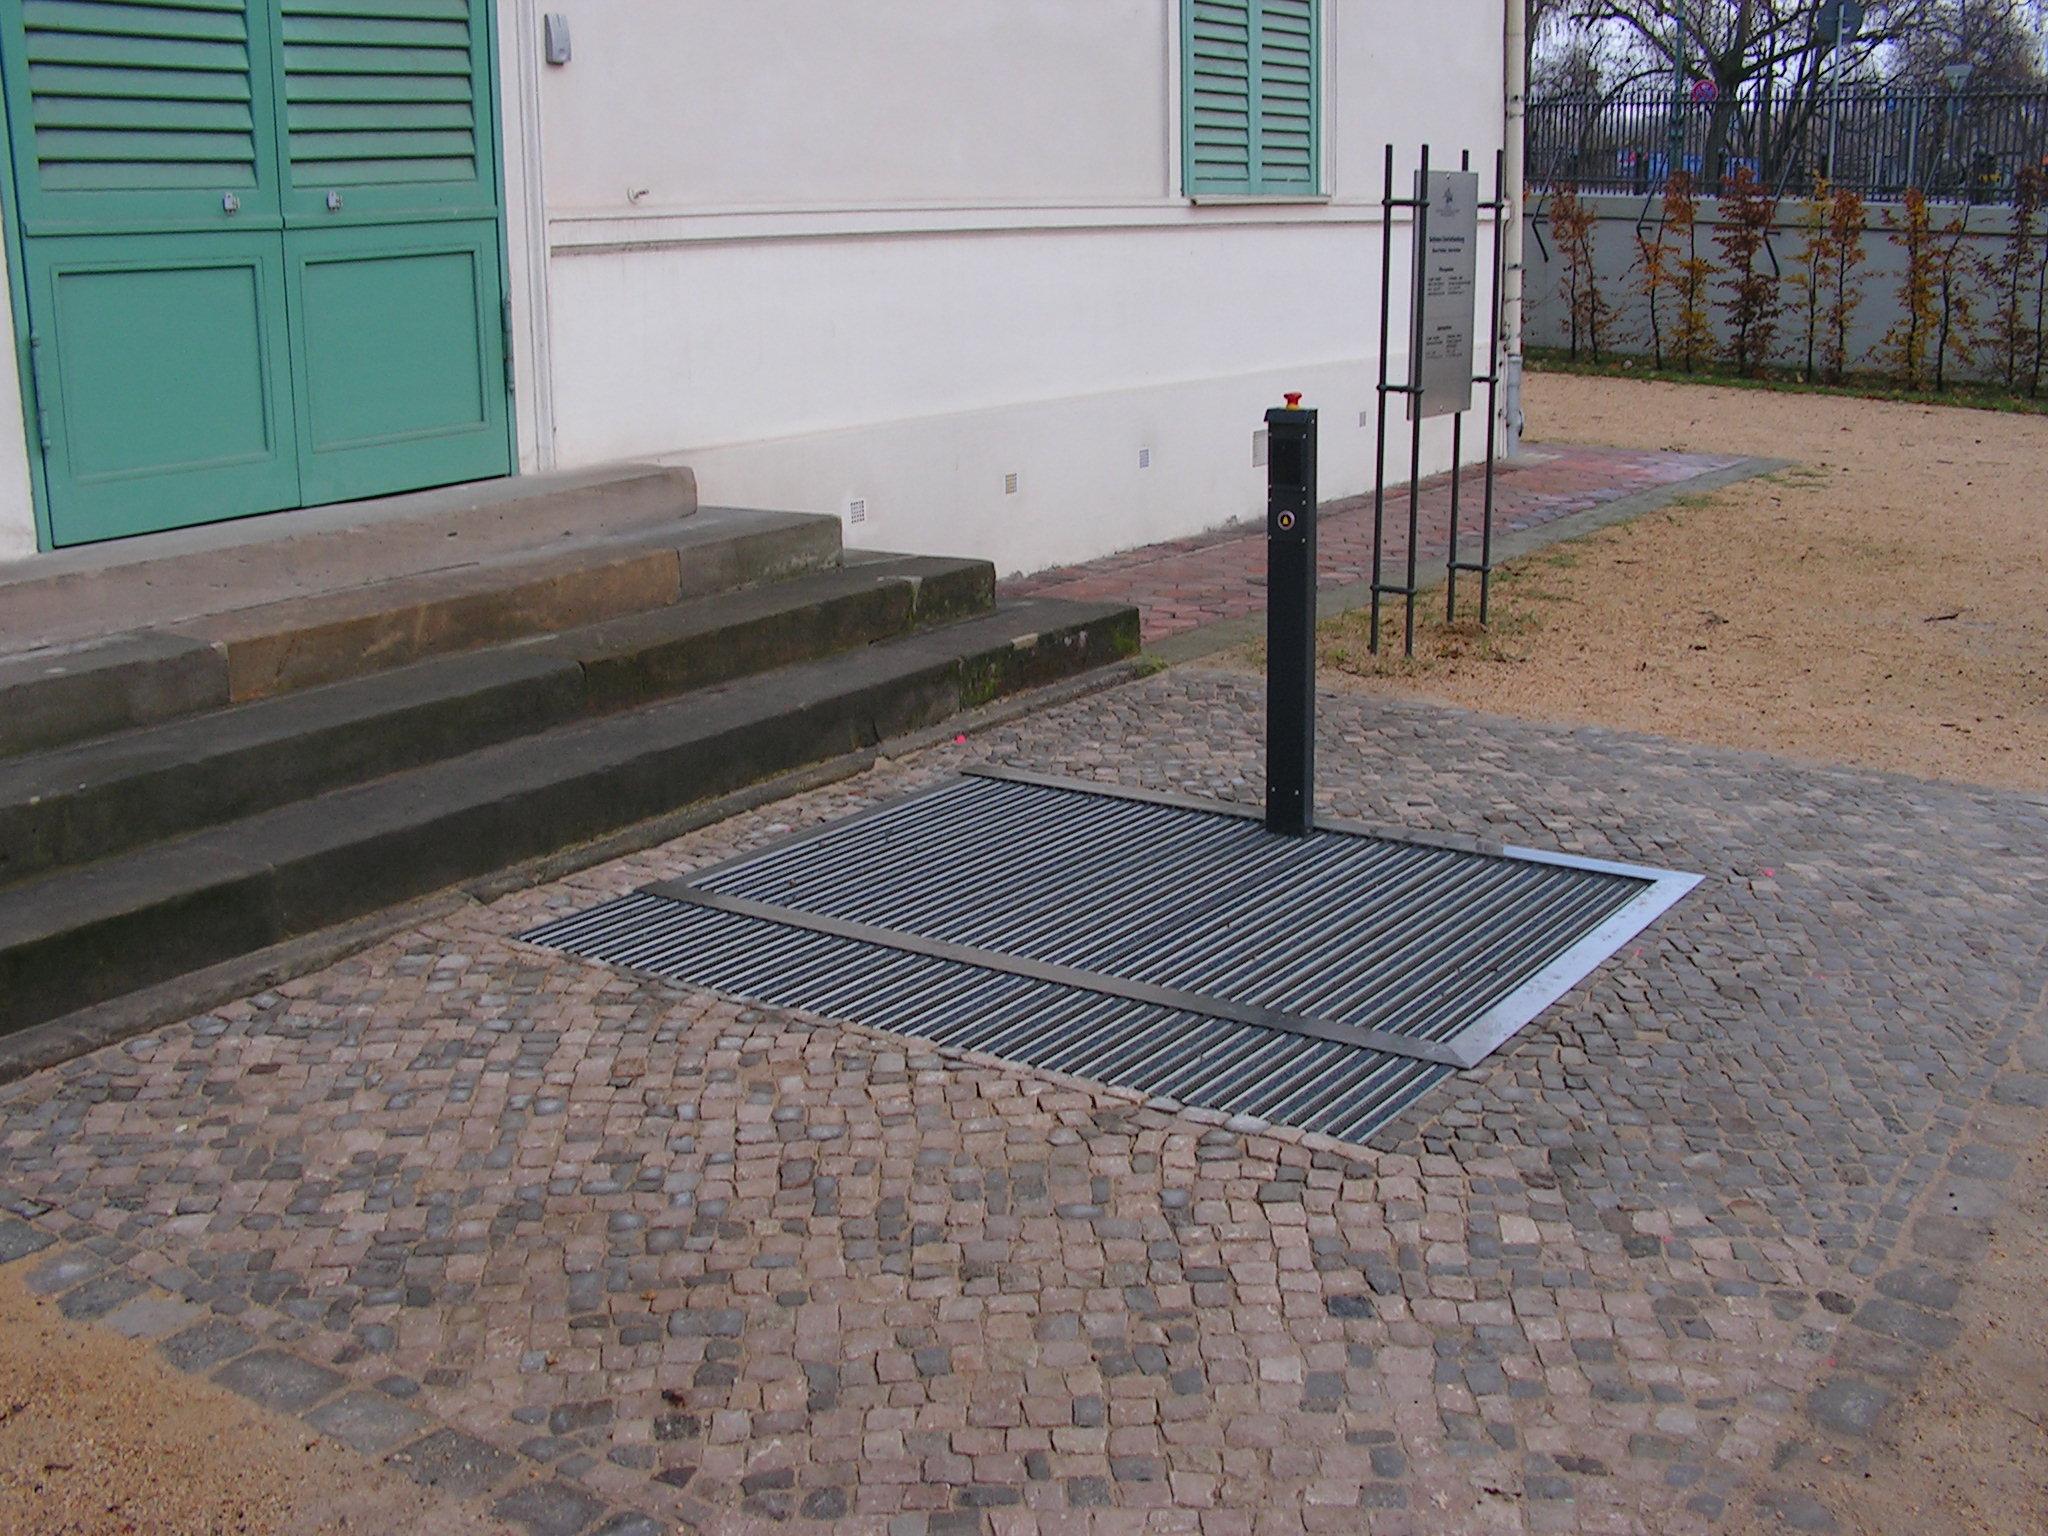 Der Hydrostar installiert im Außenbereich eines Schlosses mit dem Bodenbelag einer Sauberlaufmatte